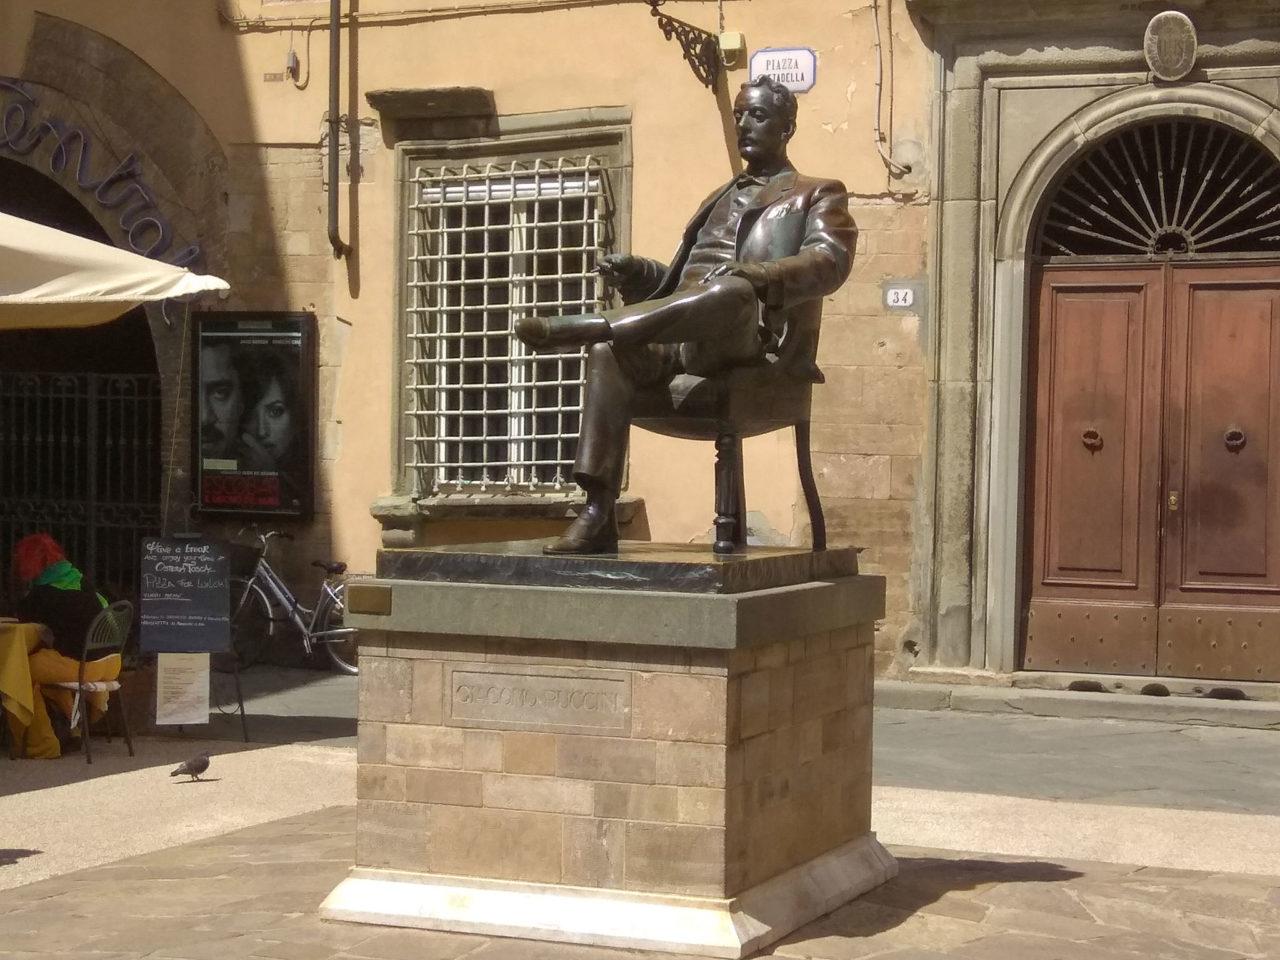 Памятник Джакомо Пуччини рядом с домом, где родился музыкант (Casa Natale di Giacomo Puccini)